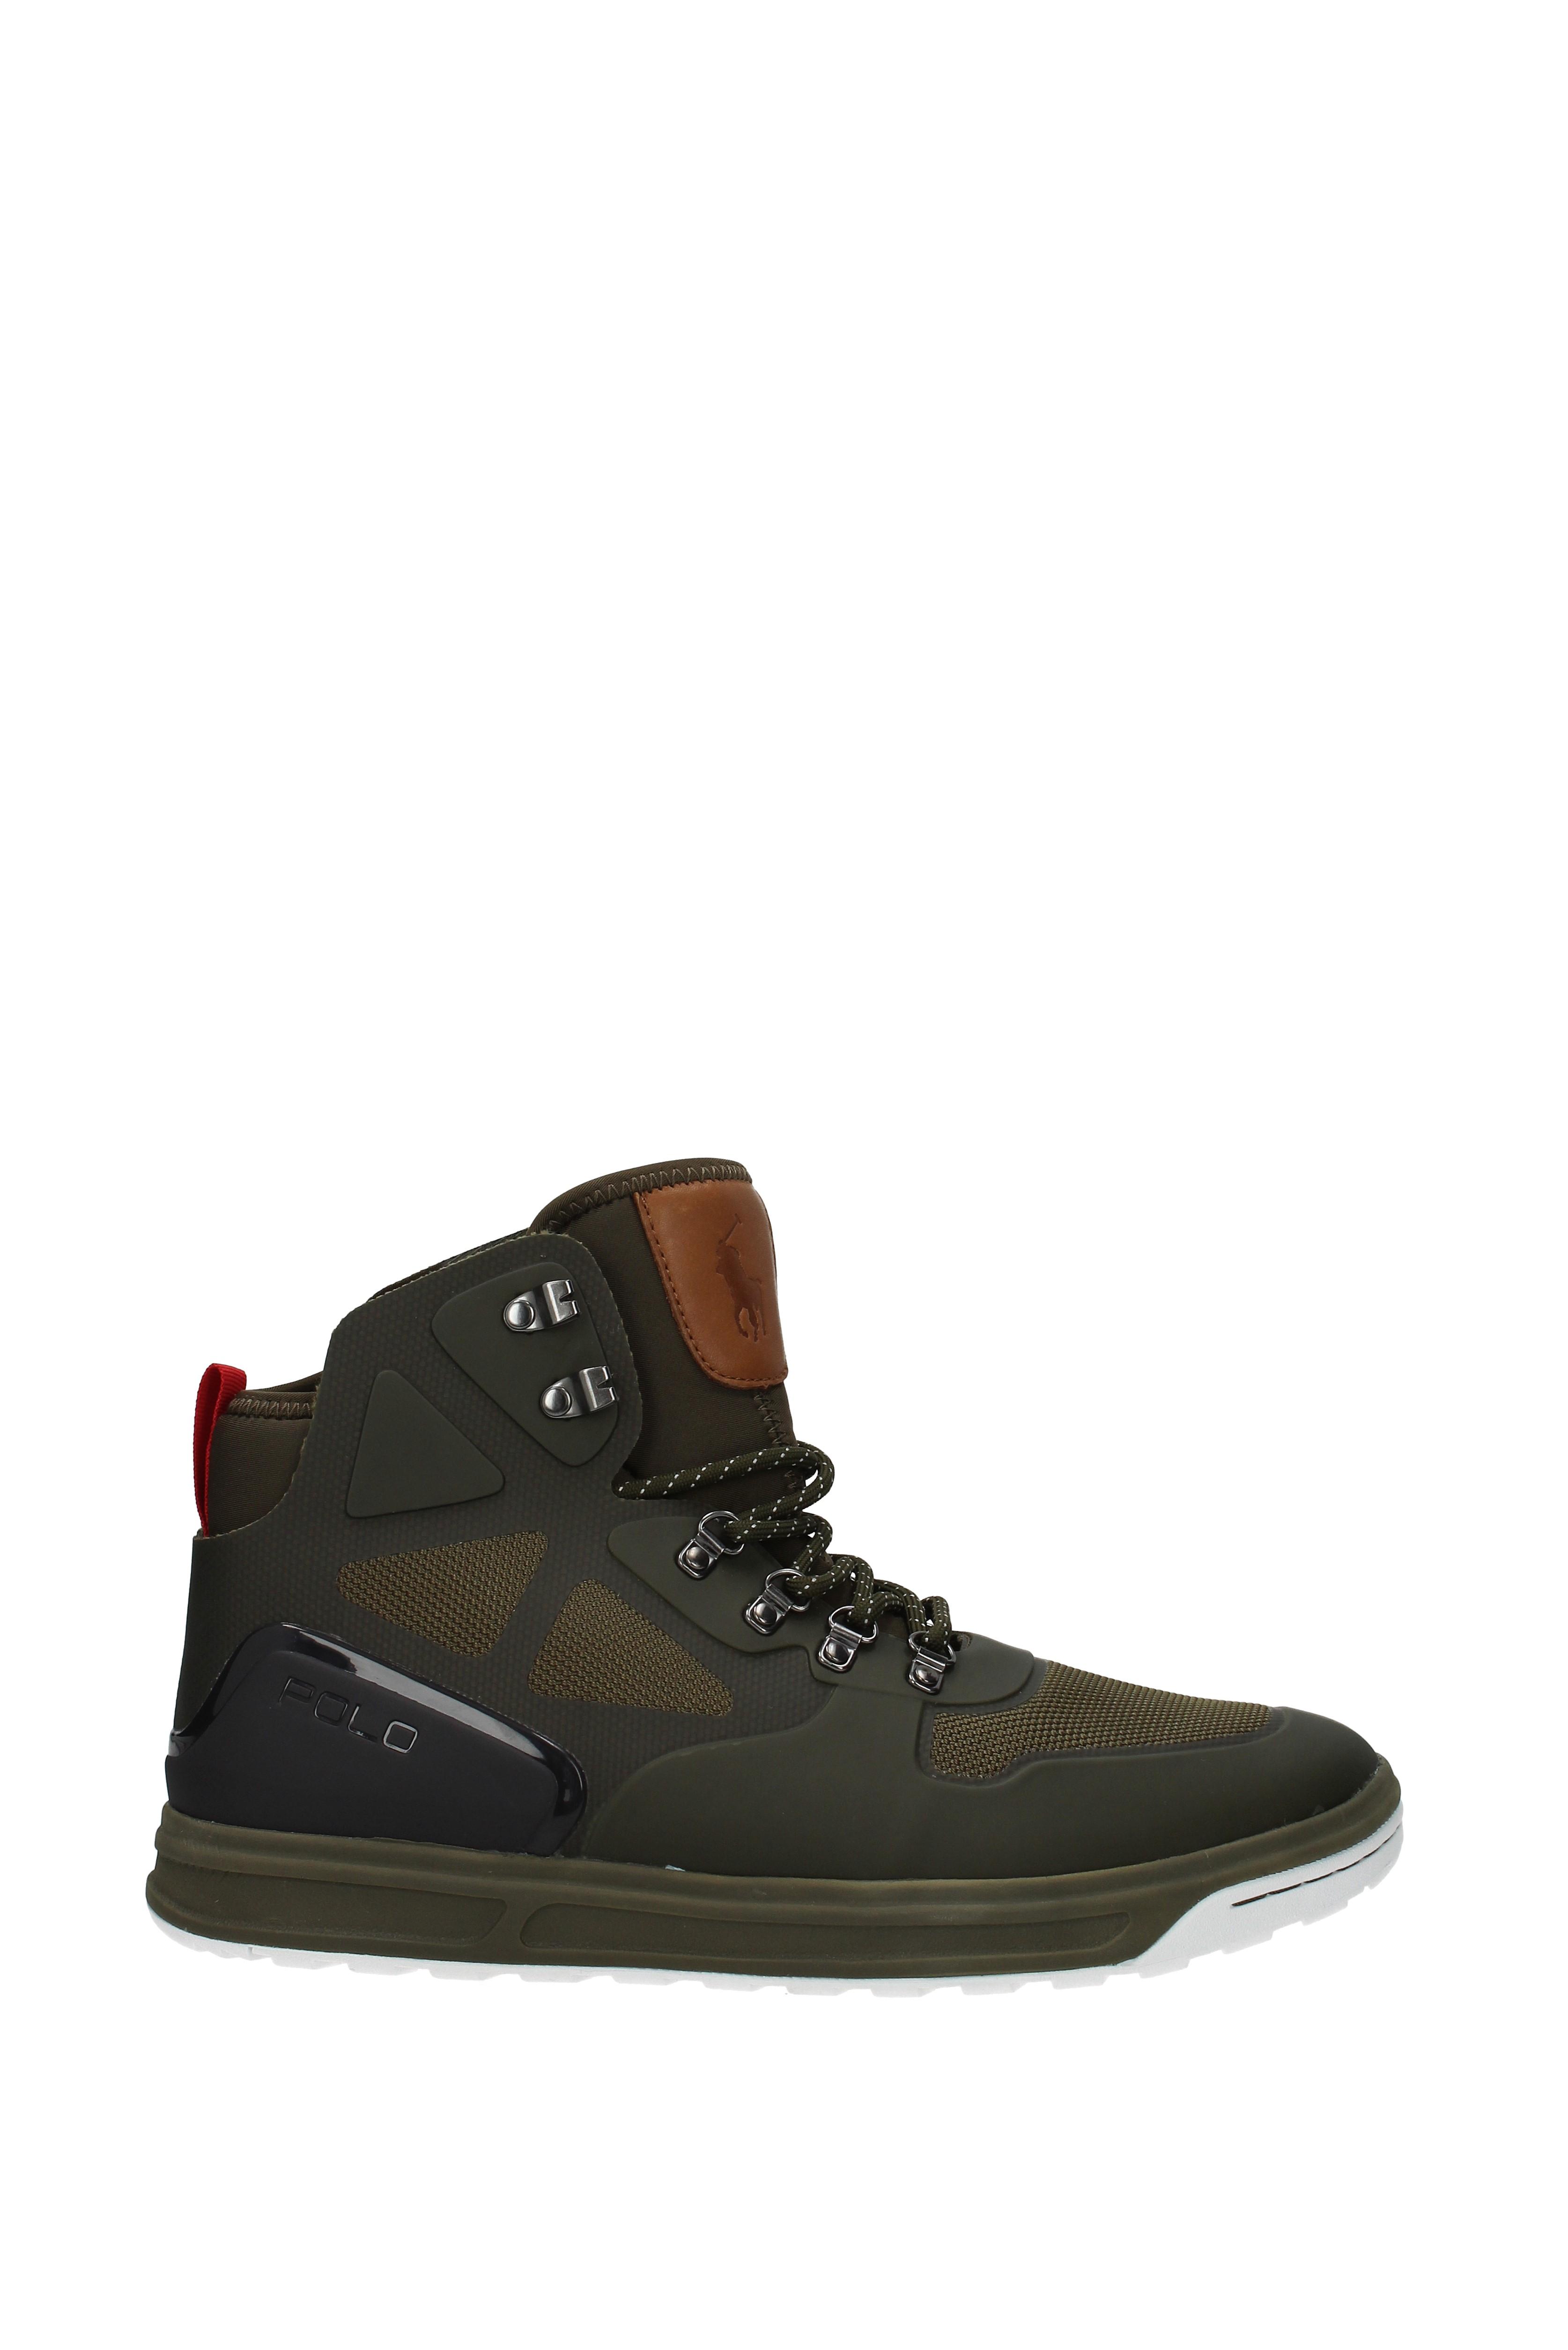 Sneakers Ralph Lauren alpine Herren - Gummi (809672828)